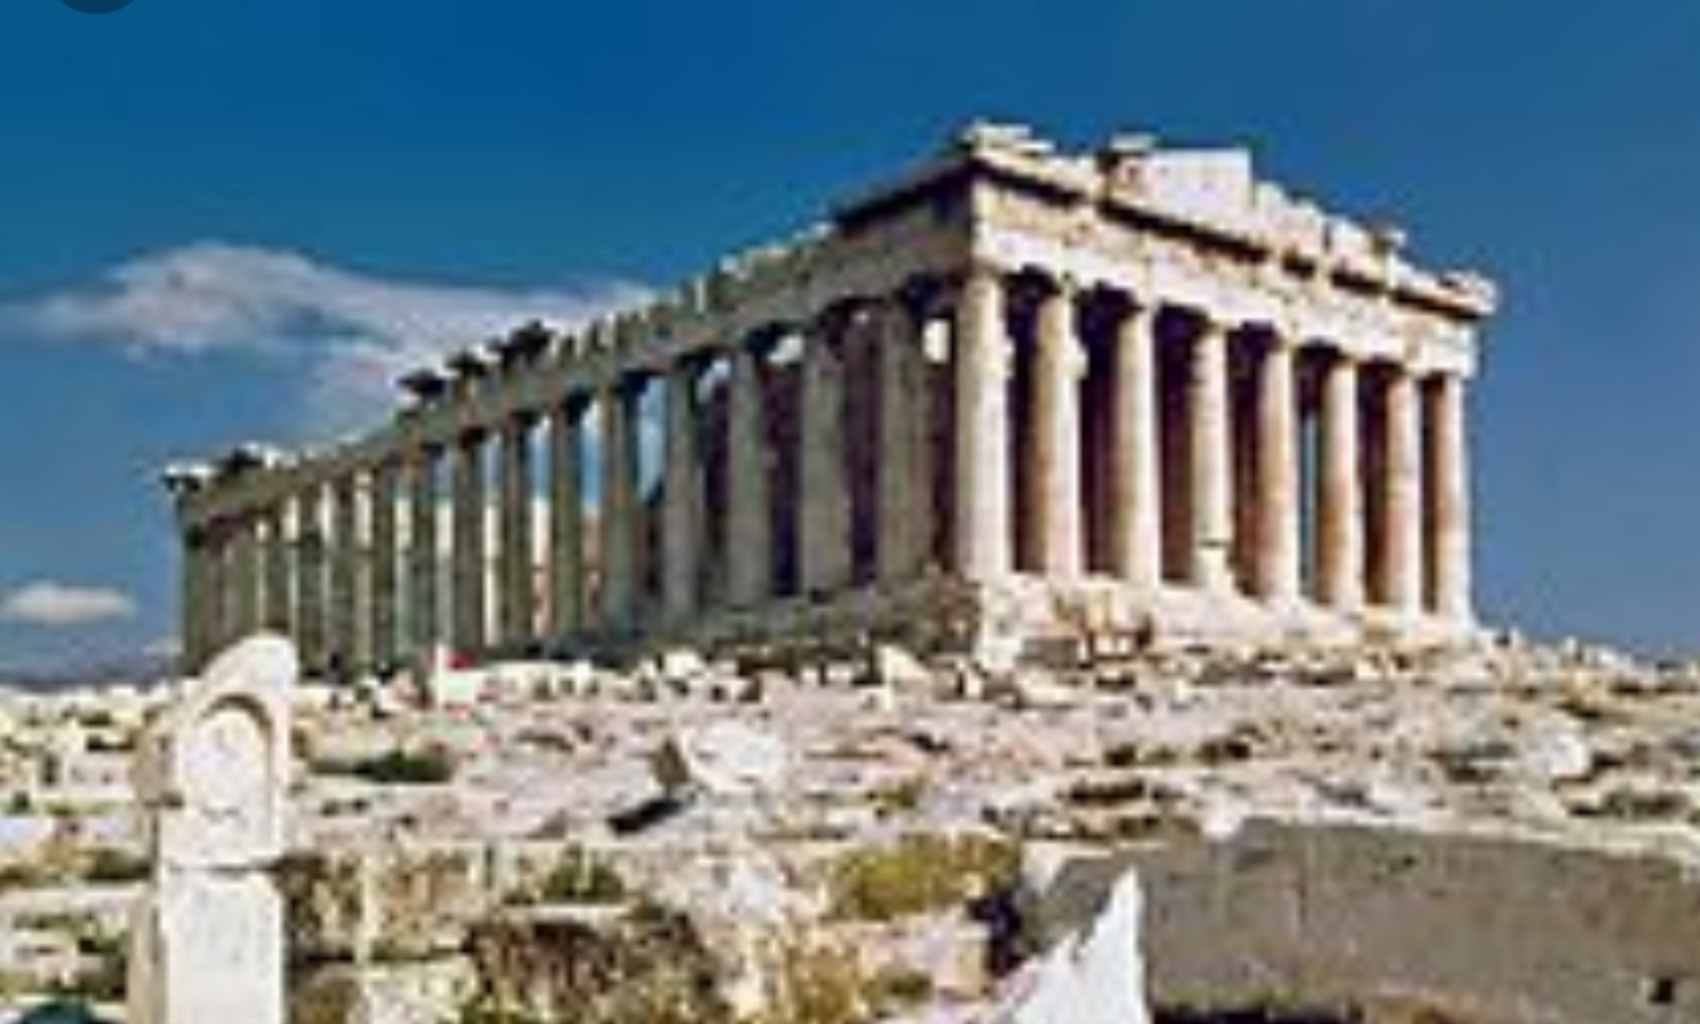 Ce proști sunt grecii: au anulat pensiile speciale și acum nu mai au șmecheri de 40 de ani cu pensii cât veniturile unui bloc de 10 etaje plin cu nespeciali!